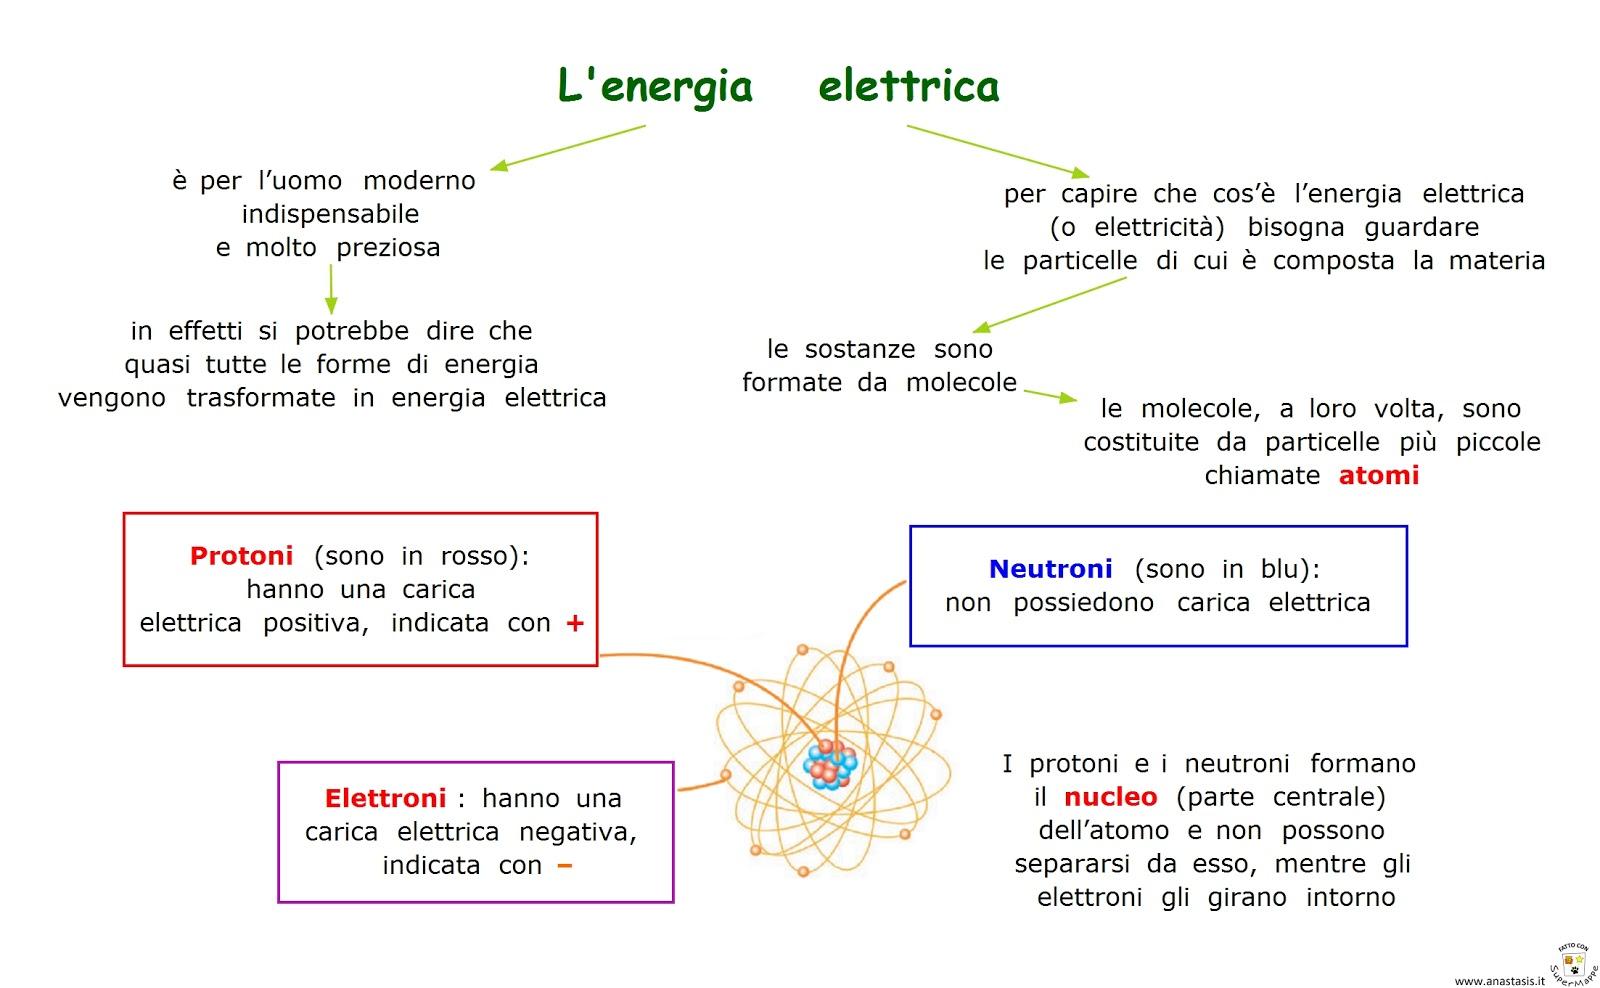 Schema Elettrico In Inglese : Paradiso delle mappe l energia elettrica